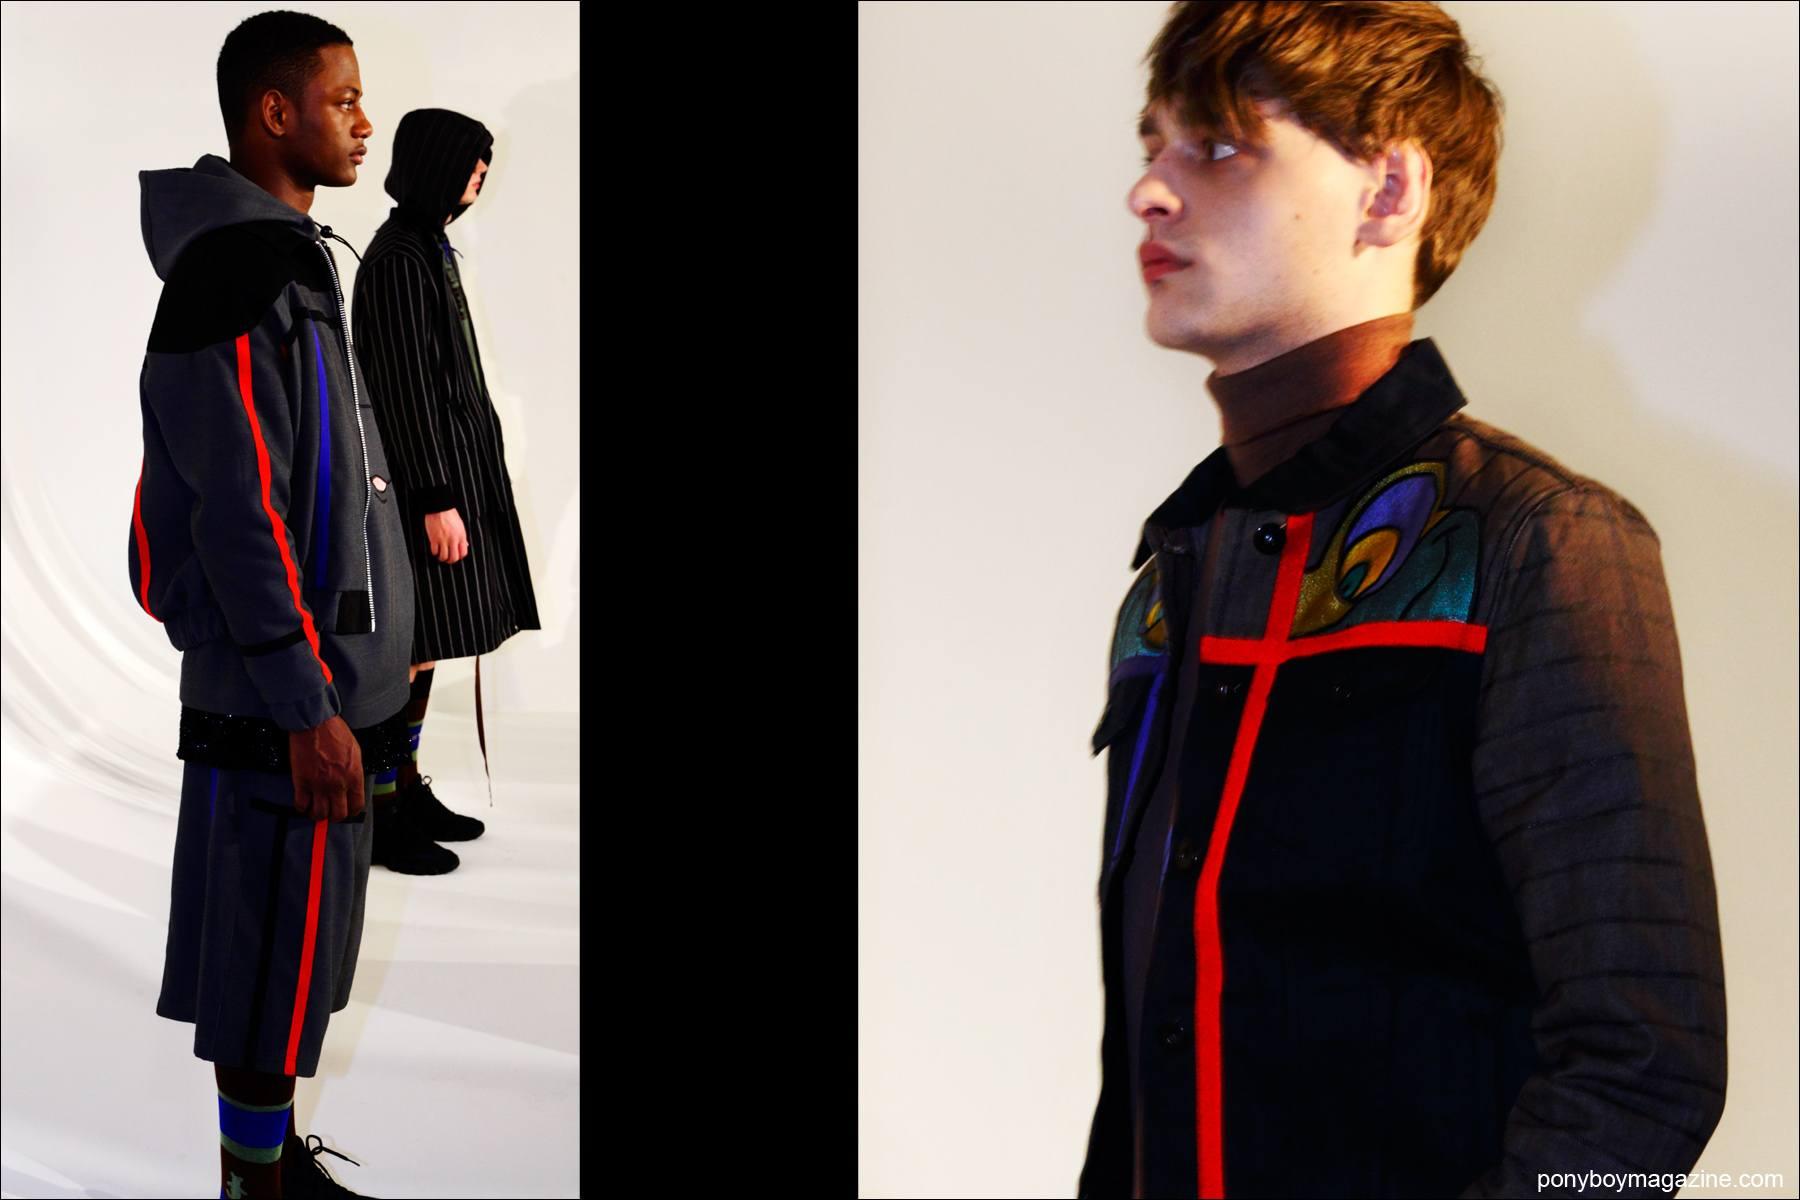 UK designer Bobby Abley F/W15 presentation at Milk Studios in New York. Photos for Ponyboy magazine by Alexander Thompson.